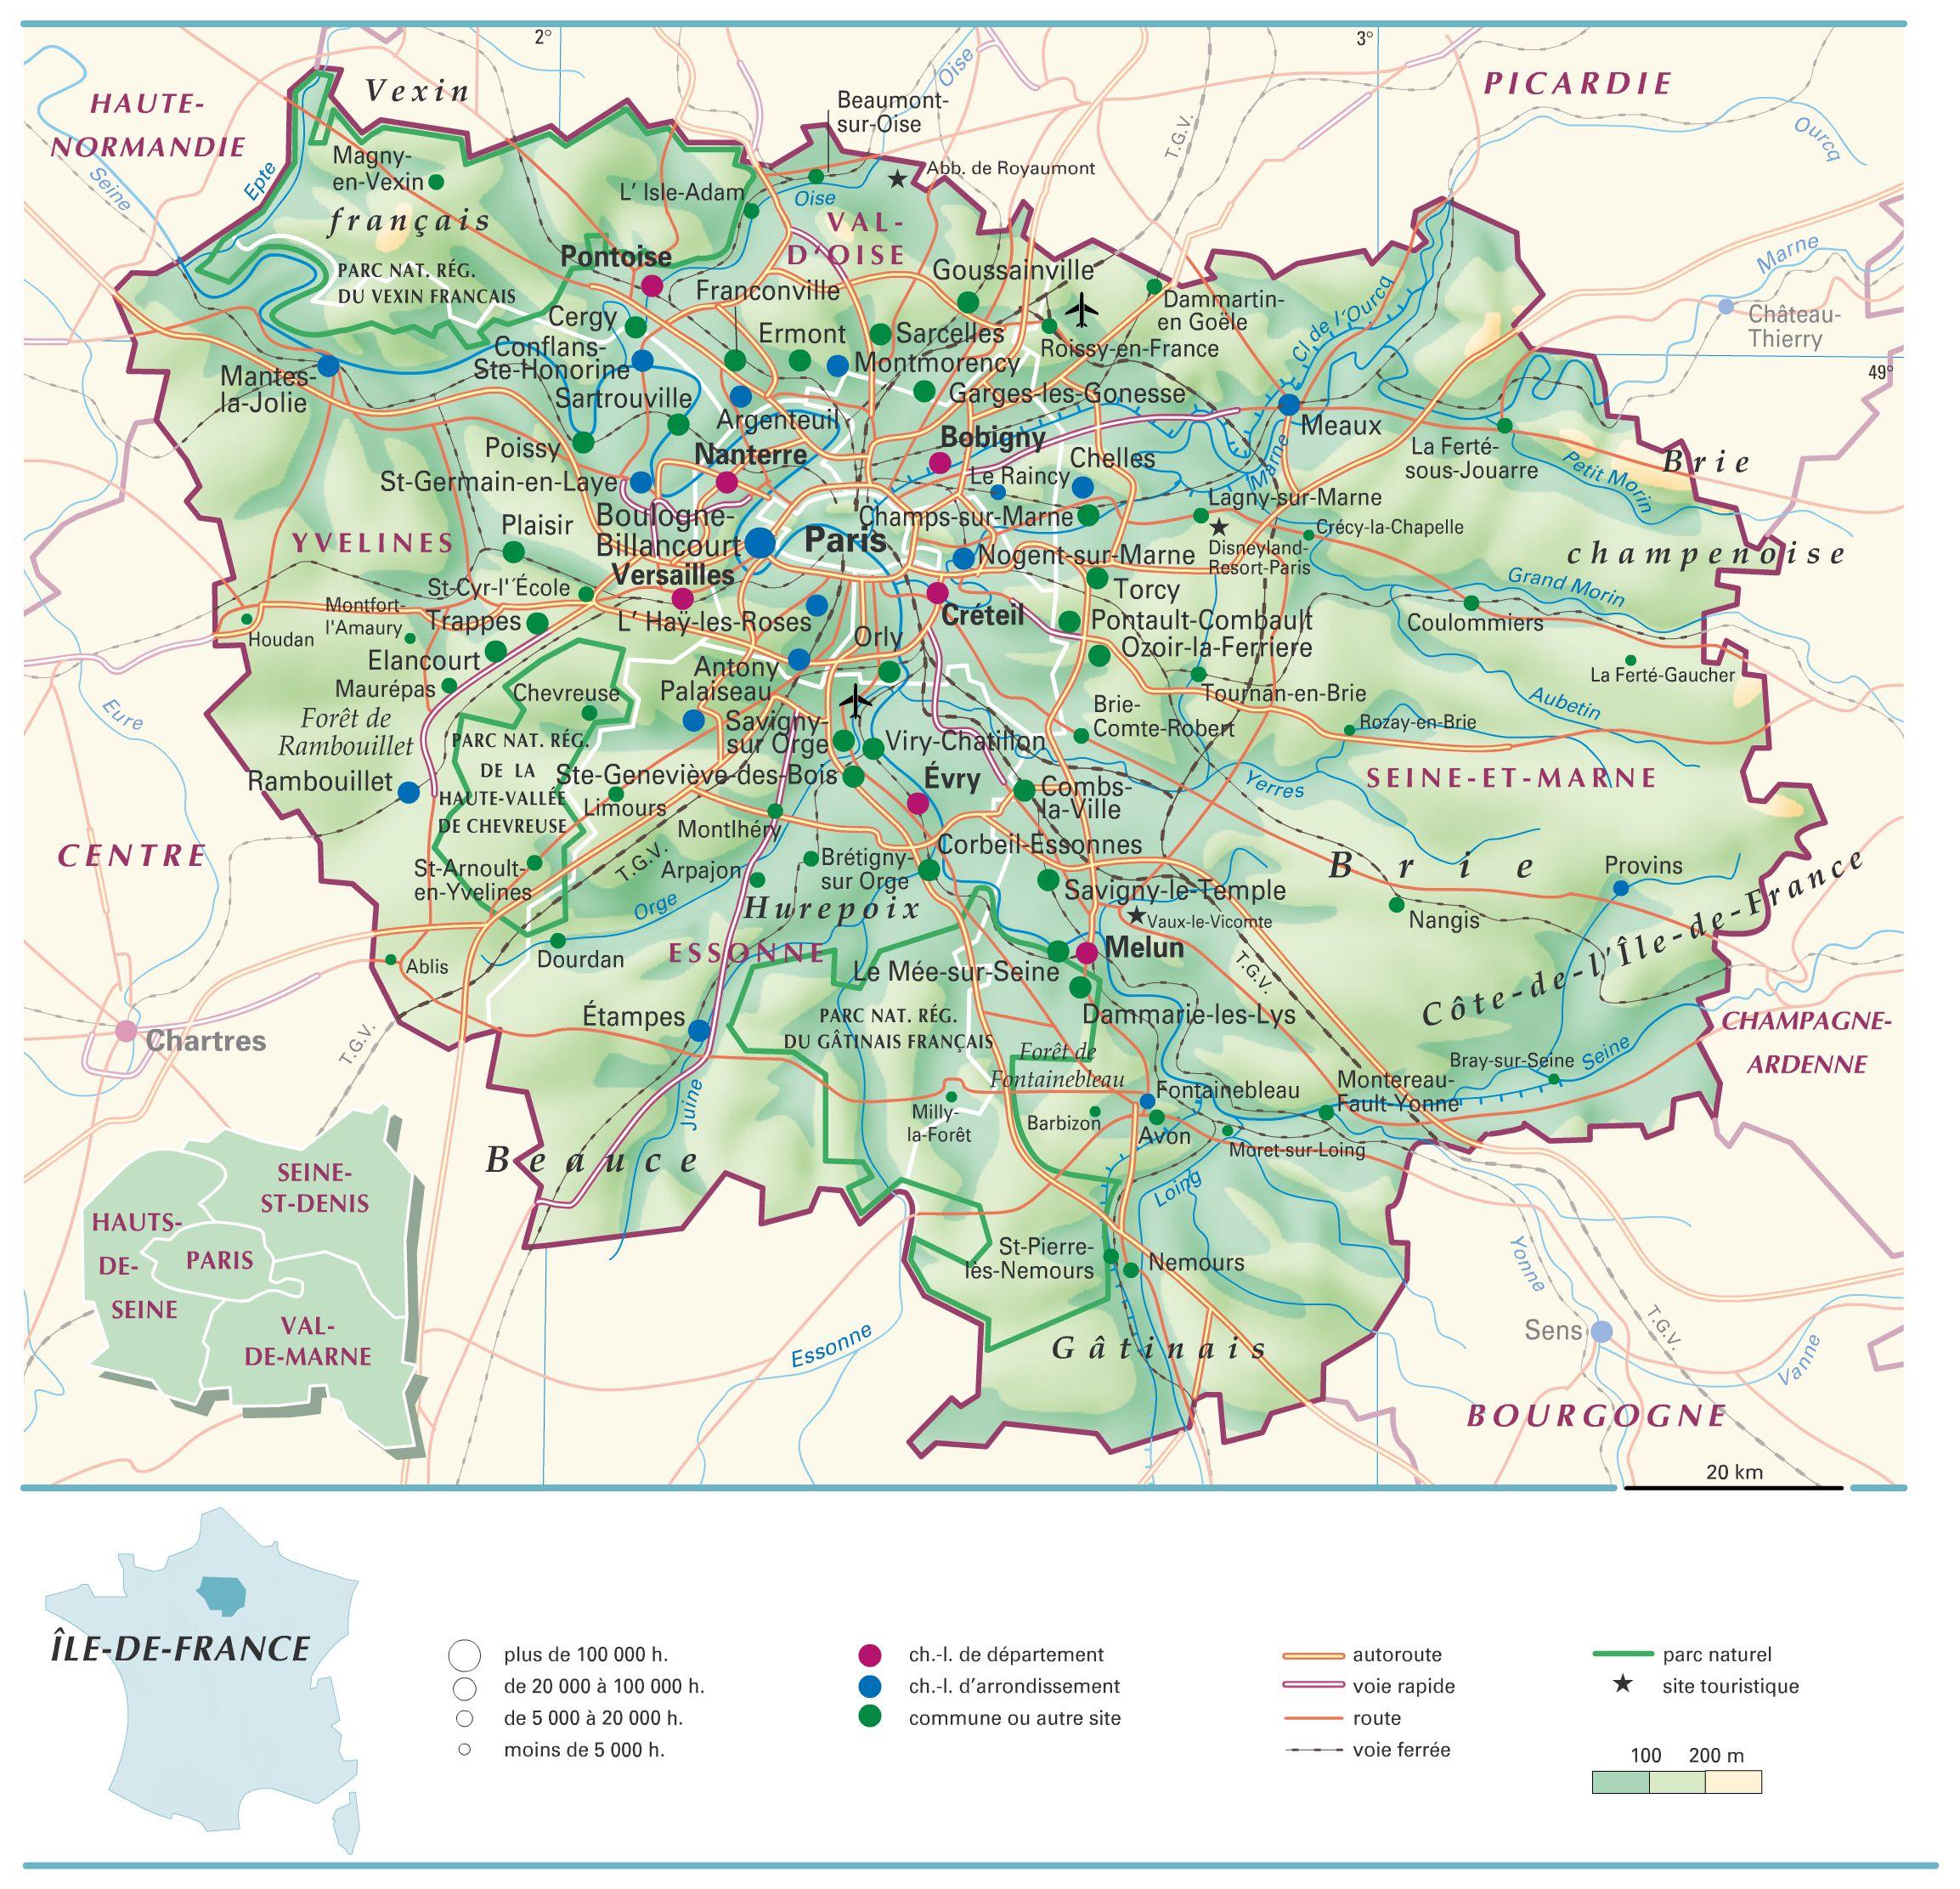 Les différentes villes de la france